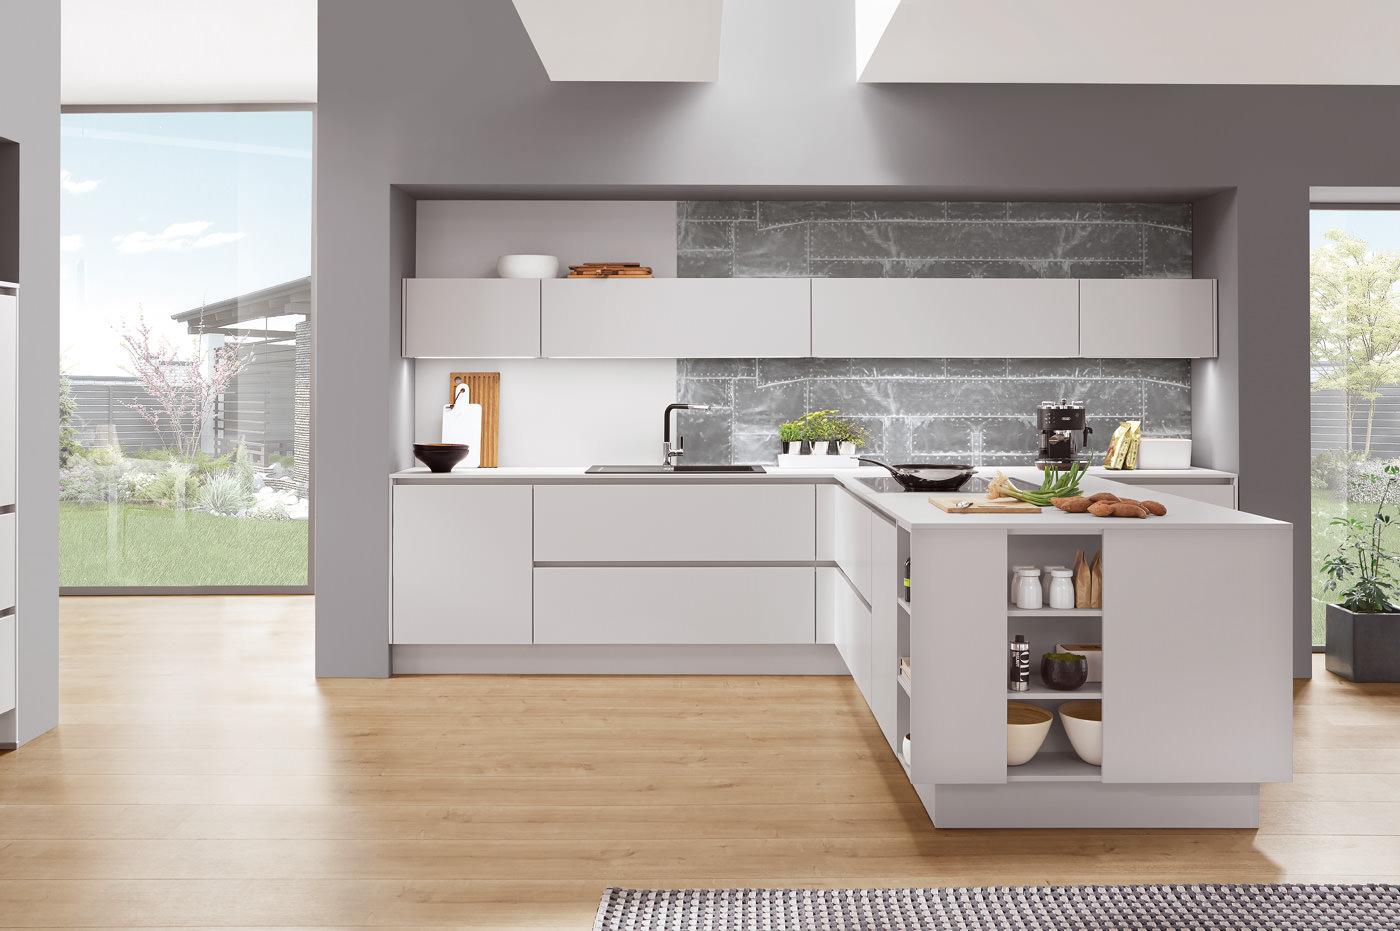 küchenstudio augsburg küchenstudio fürstenfeldbruck küchenstudio